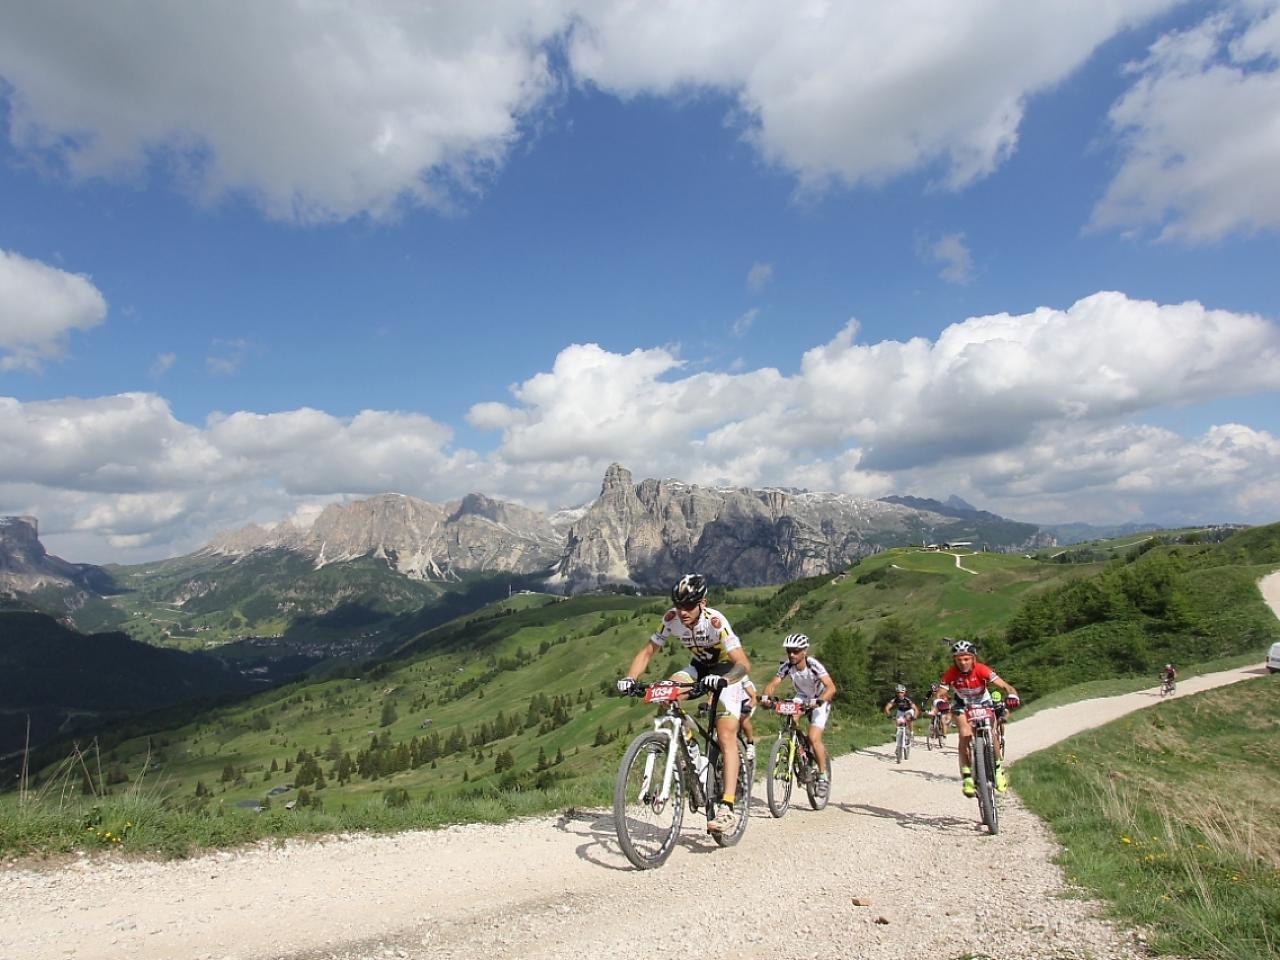 Scoprire le Dolomiti in sella alla bici: partenza dall'Hotel Gran Fanes